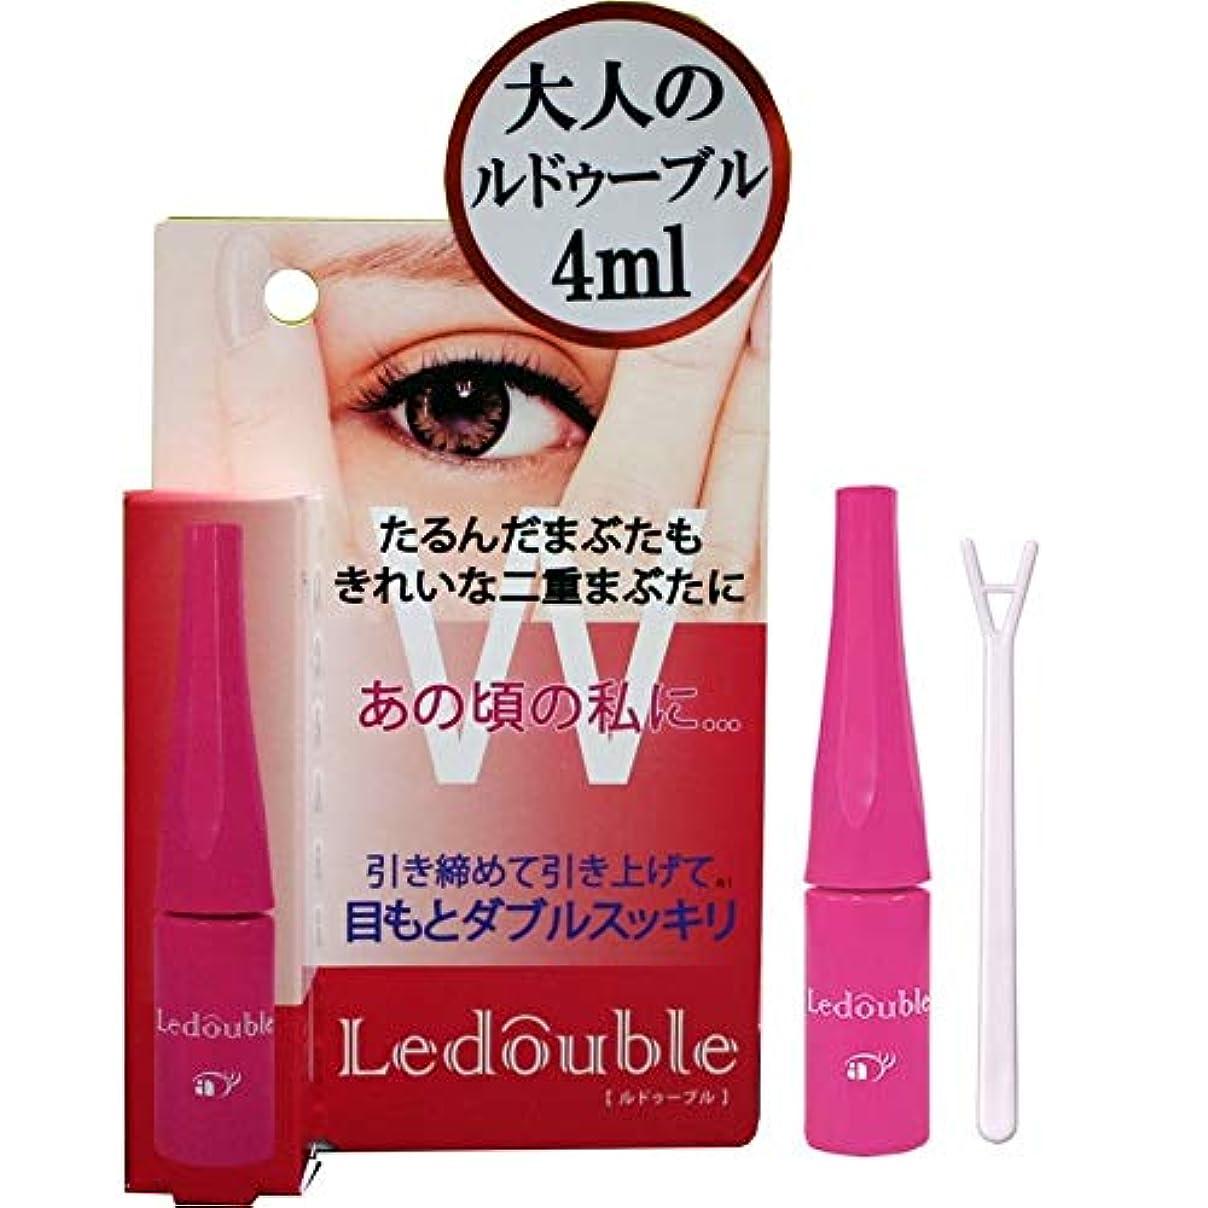 護衛シャーク受付大人のLedouble [大人のルドゥーブル] 二重まぶた化粧品 (4mL)